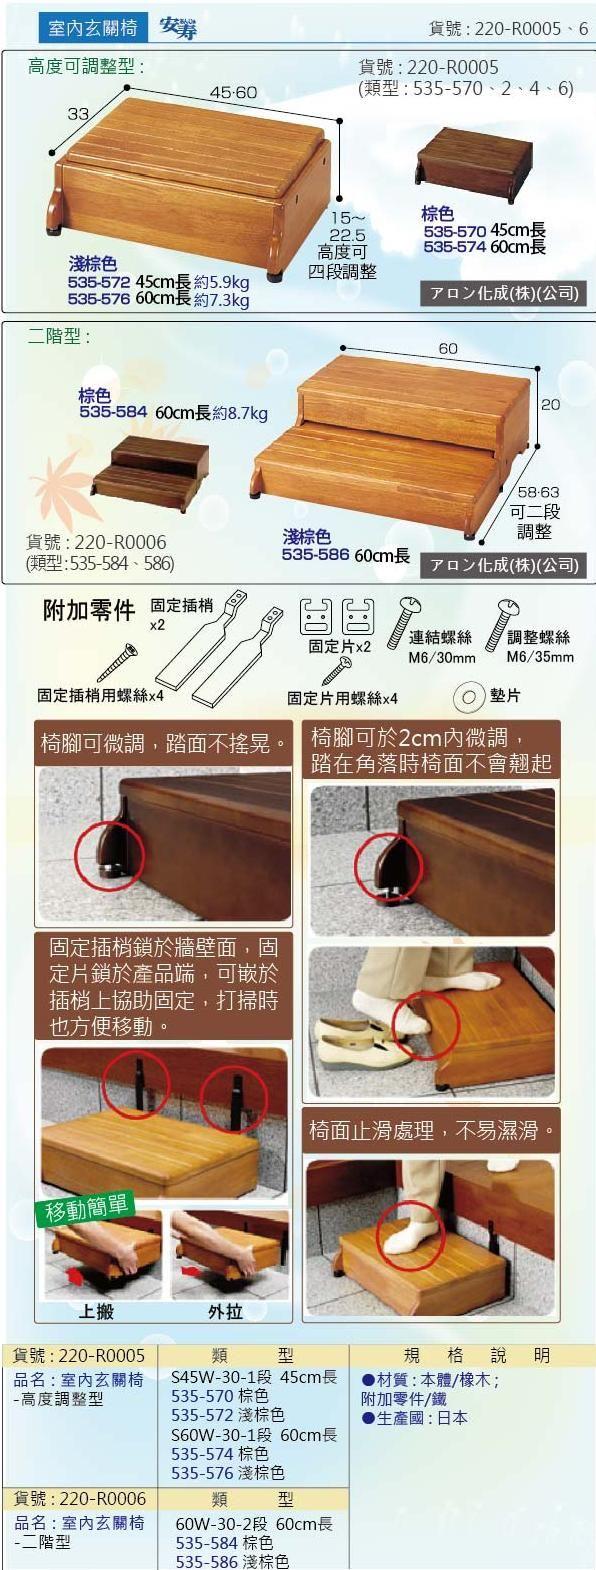 室內玄關椅:可依需求購買高度調整型或是二階型,具止滑設計,椅腳可微調高度椅面不搖晃,附有固定零件,平時固定住,打掃時移動簡單。